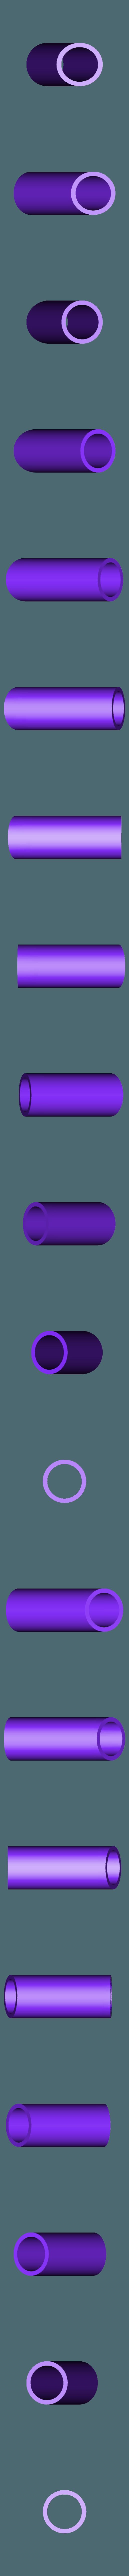 Support_Cylinder.stl Télécharger fichier STL gratuit ADKS - Lampe de table multicolore Bluetooth • Design pour imprimante 3D, Adarkstudio